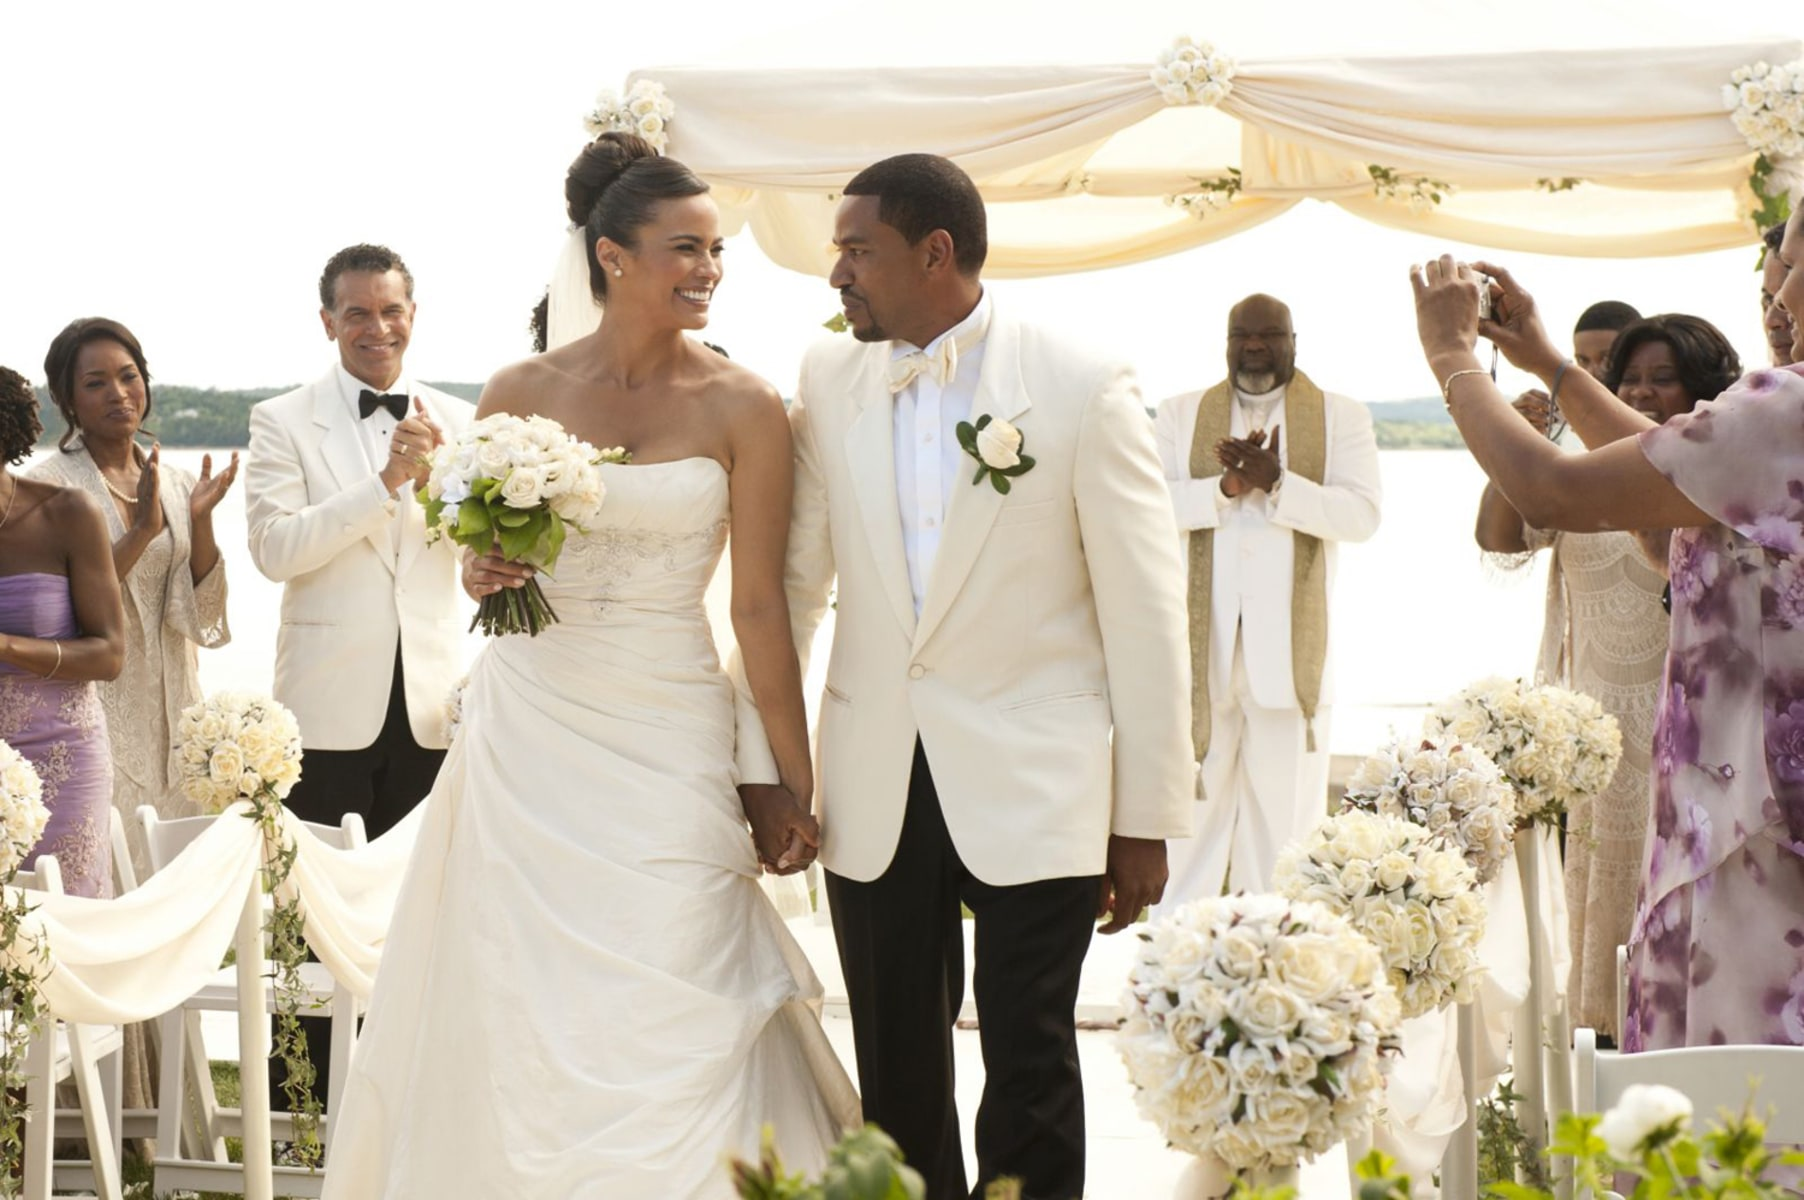 25 Best Wedding Movies